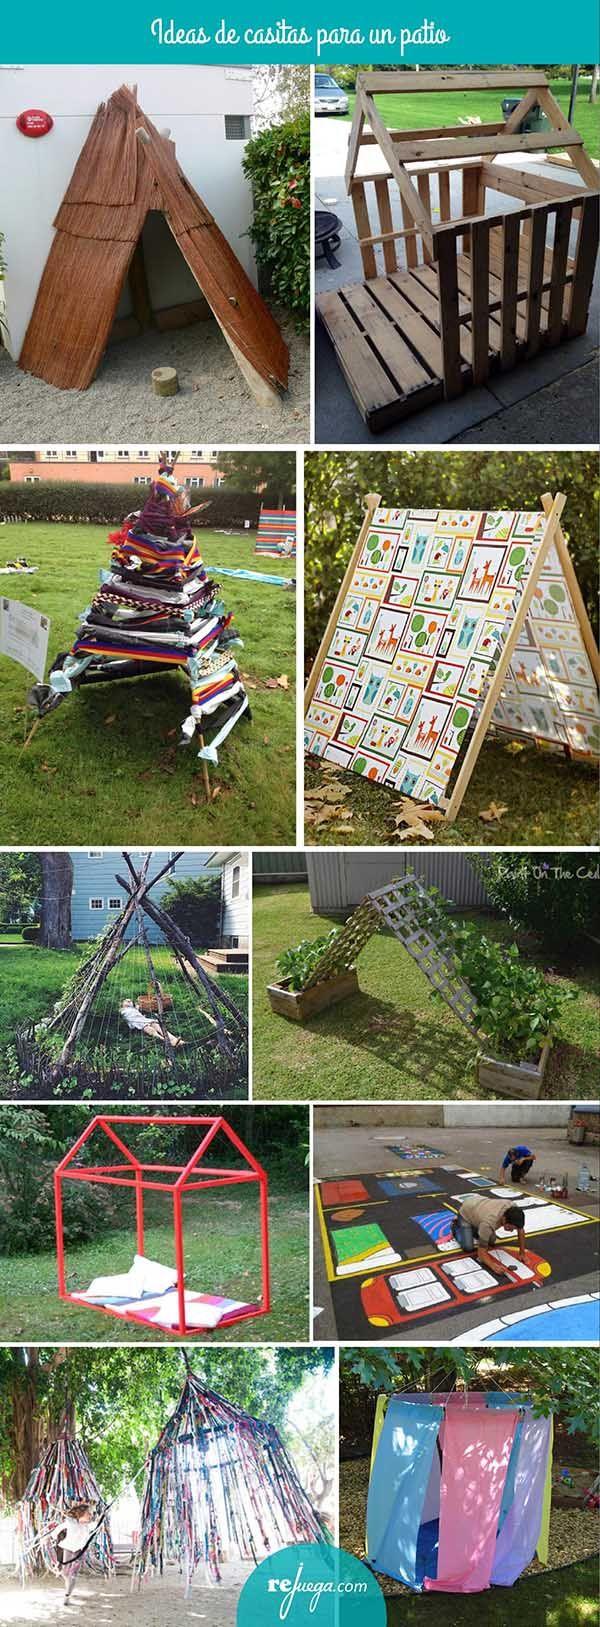 Ideas de casitas y caba as para un patio de escuela crea - Ideas para patios ...